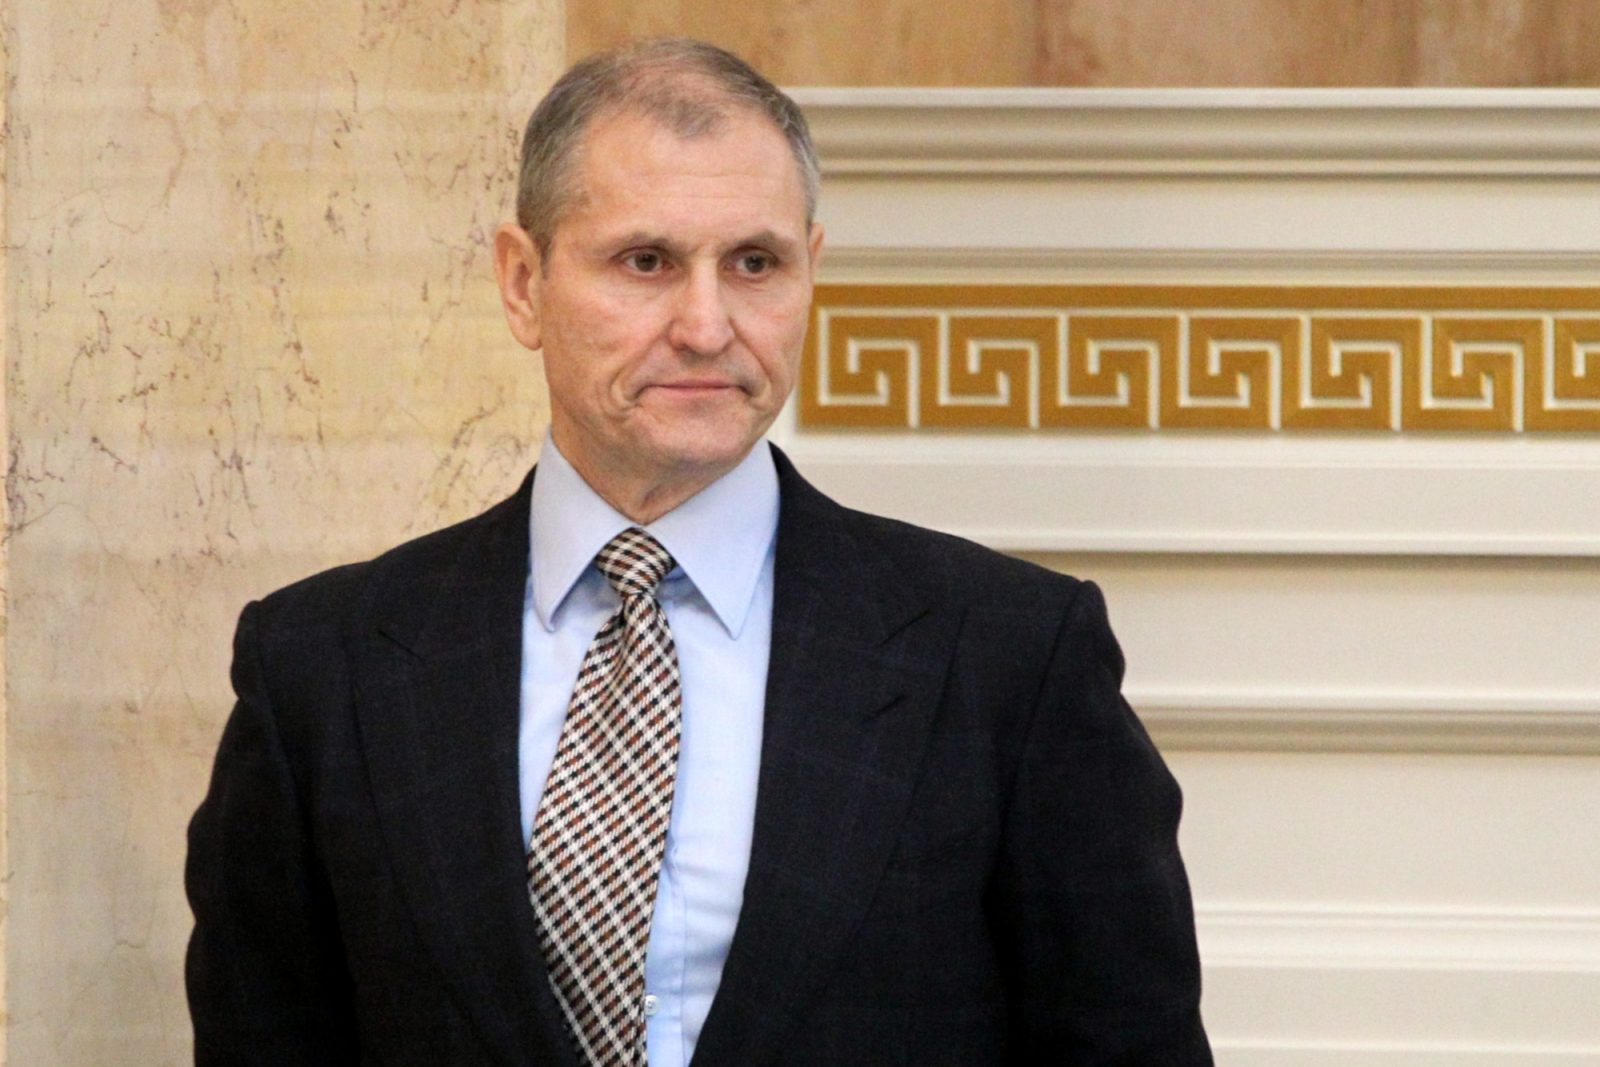 Евгений Елин вице-губернатор Законодательное Собрание ЗакС